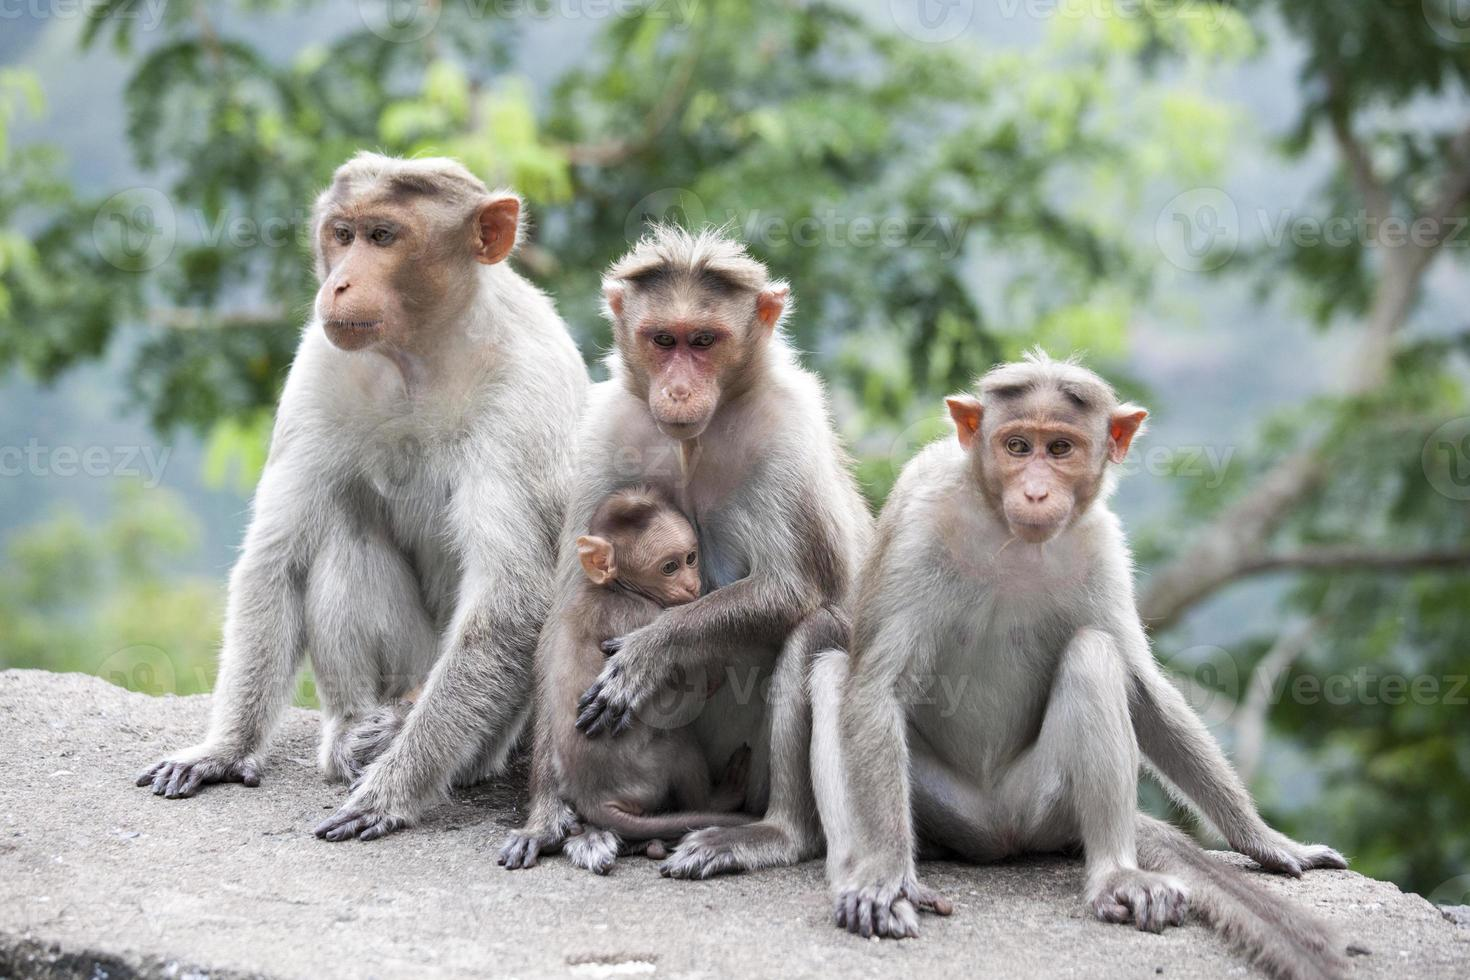 Familie von Rhesusaffen, die nahe einer Autobahn in Indien sitzen foto